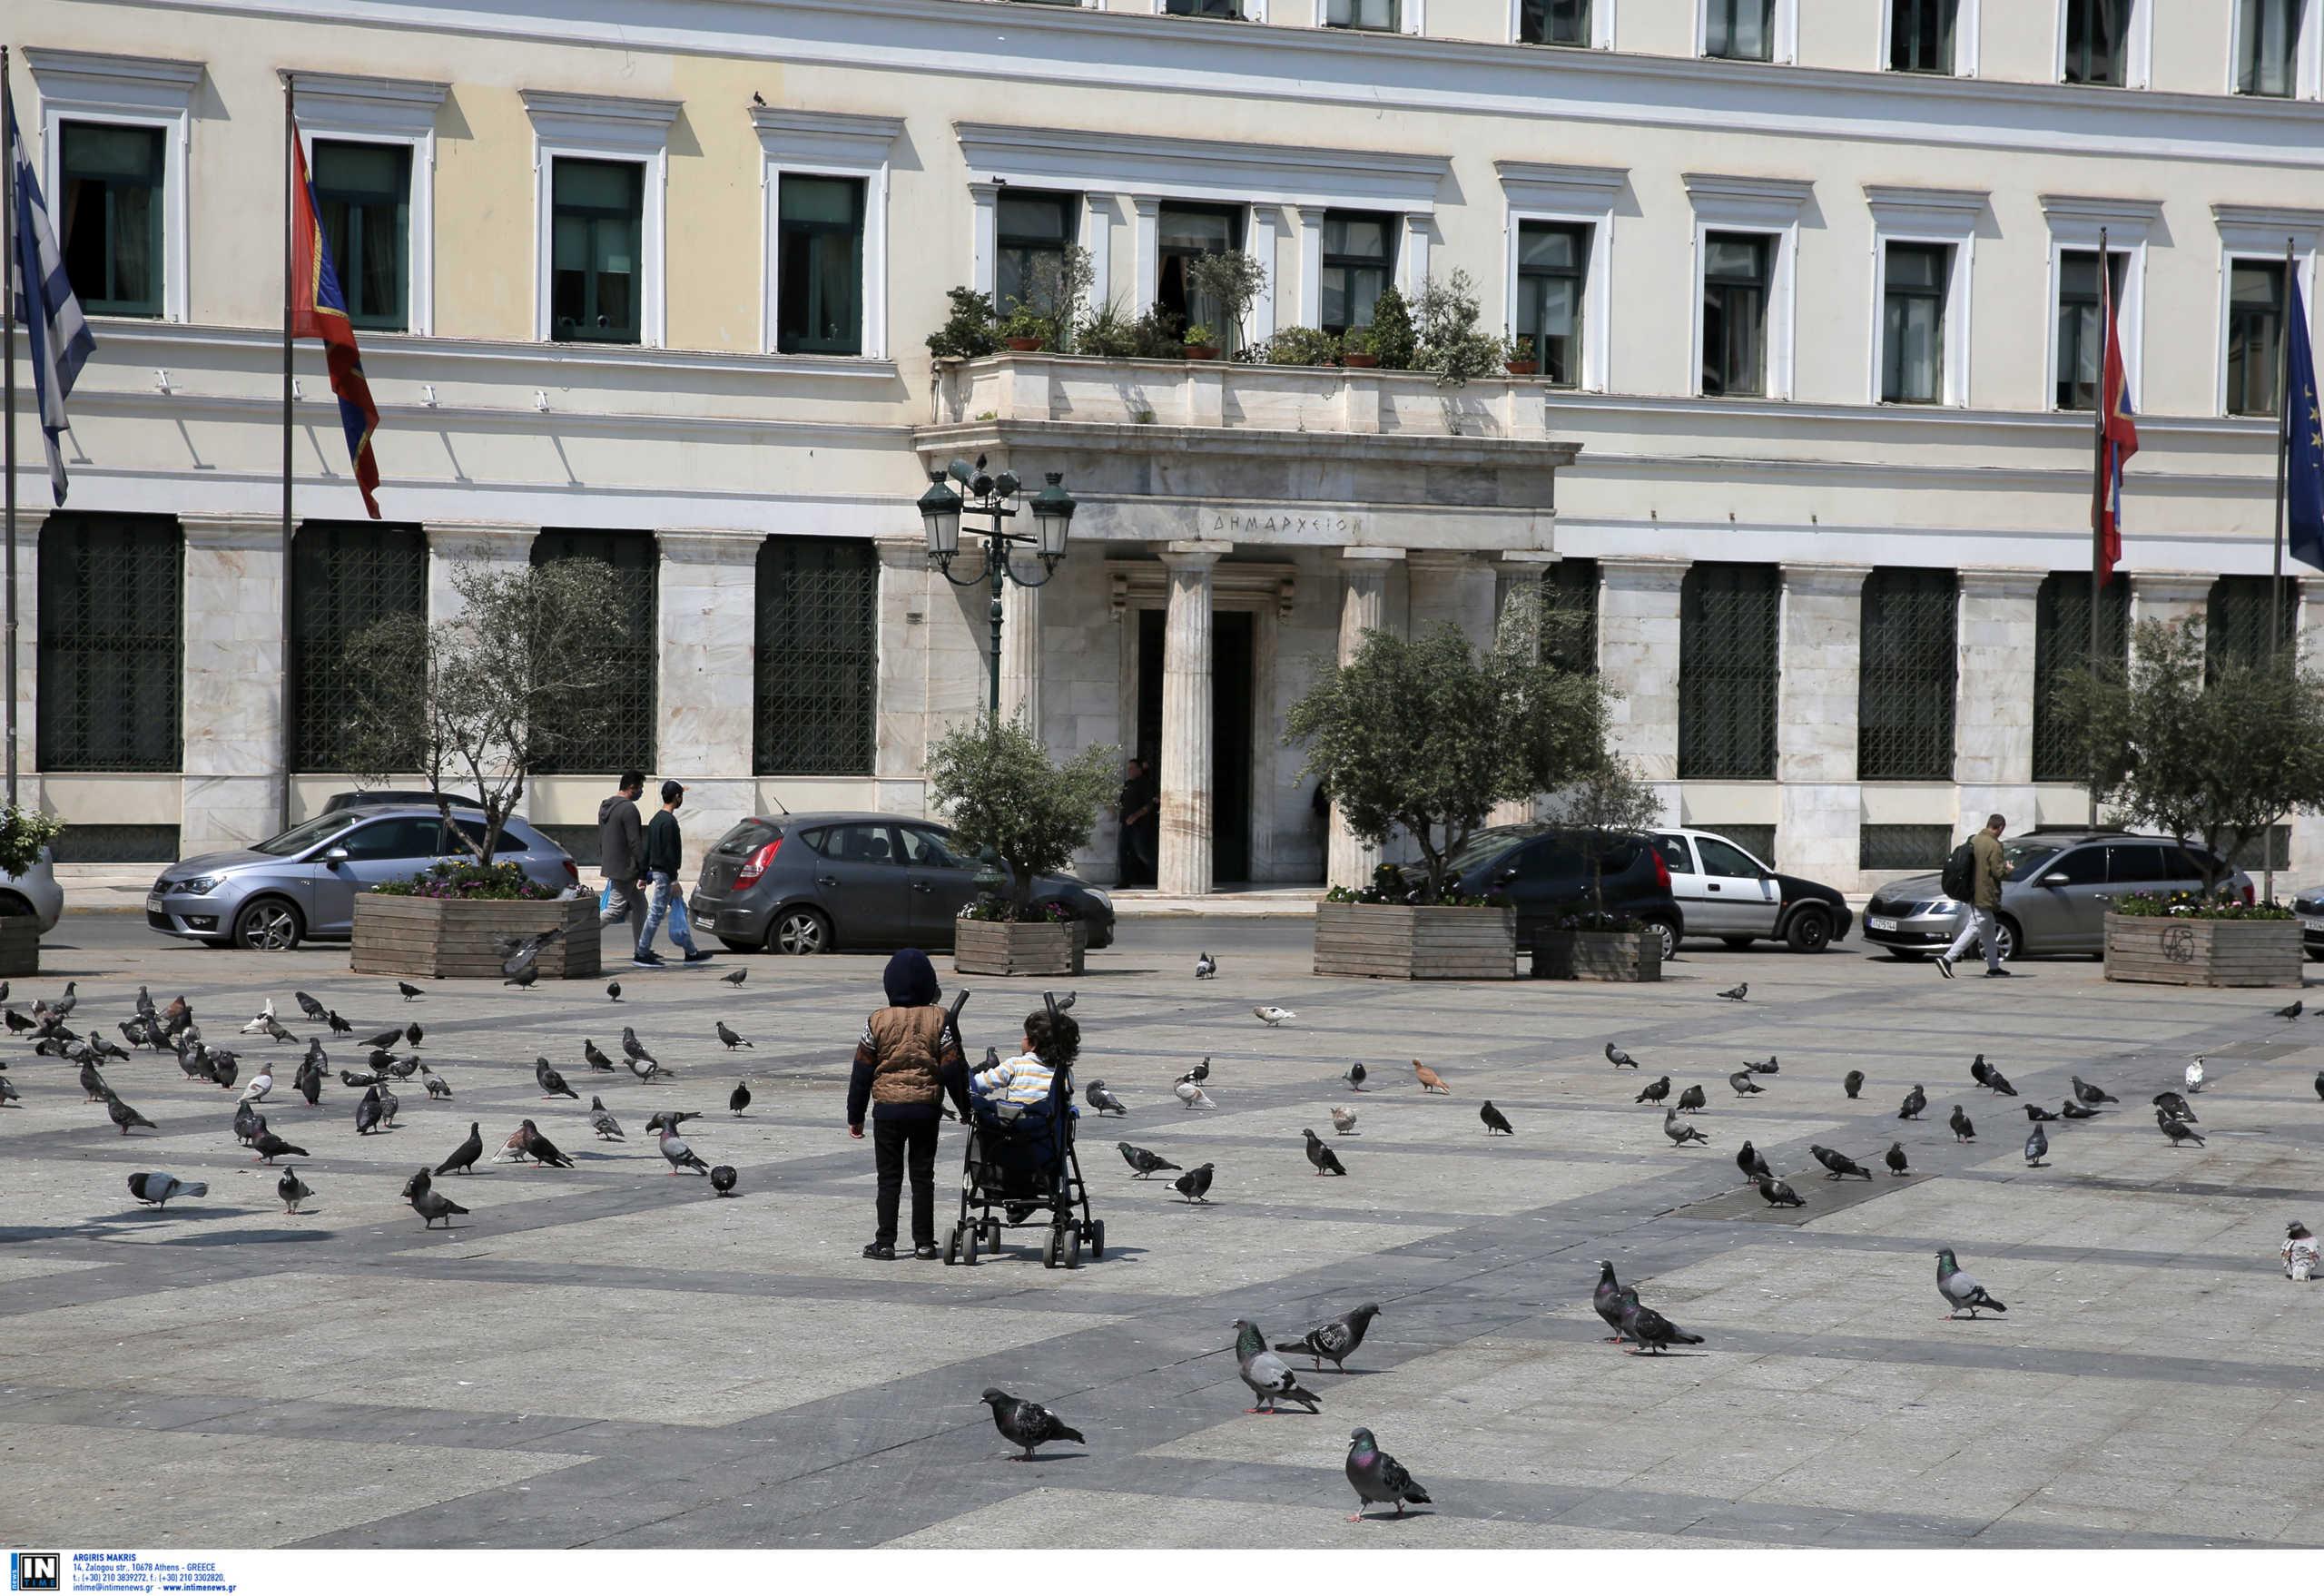 Κρούσμα κορονοϊού στο δήμο της Αθήνας – Ένα τμήμα έκλεισε, εργαζόμενοι σε καραντίνα